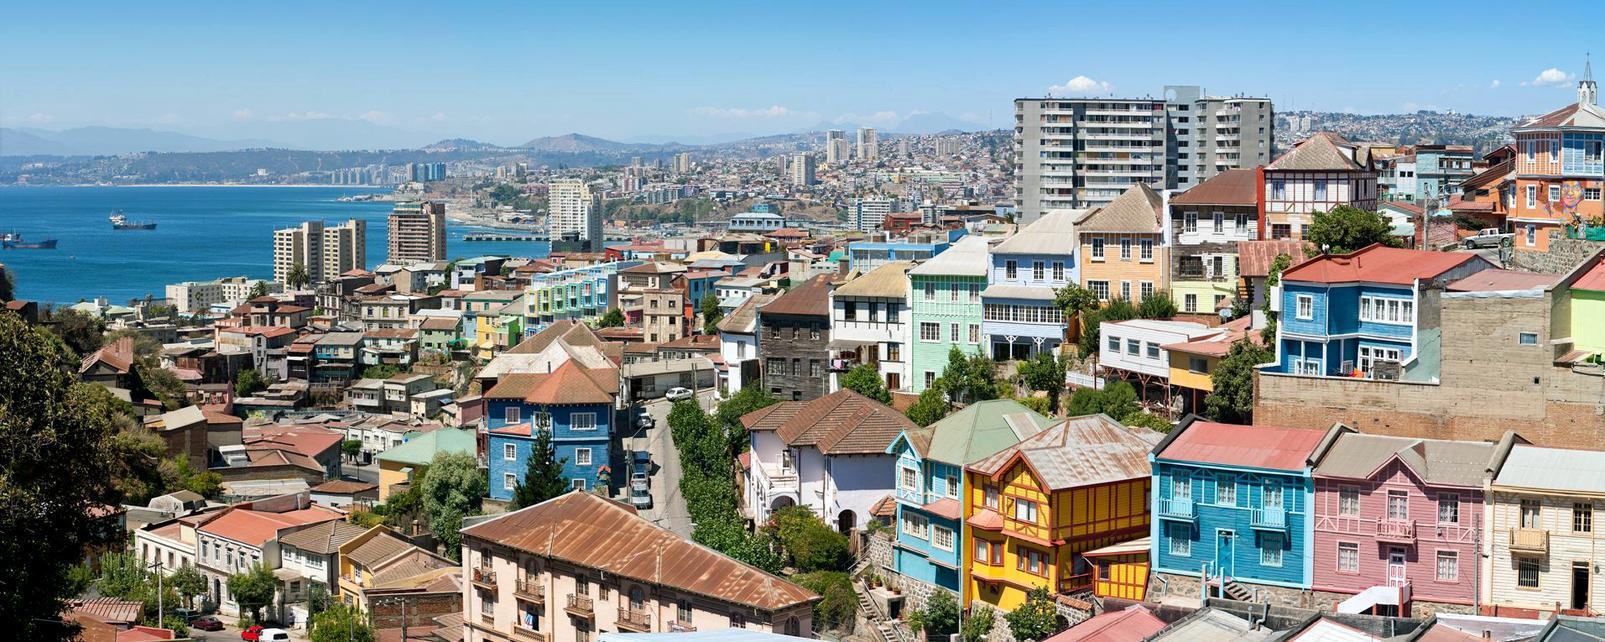 Amérique; Amérique du Sud; Chili; Valparaiso;